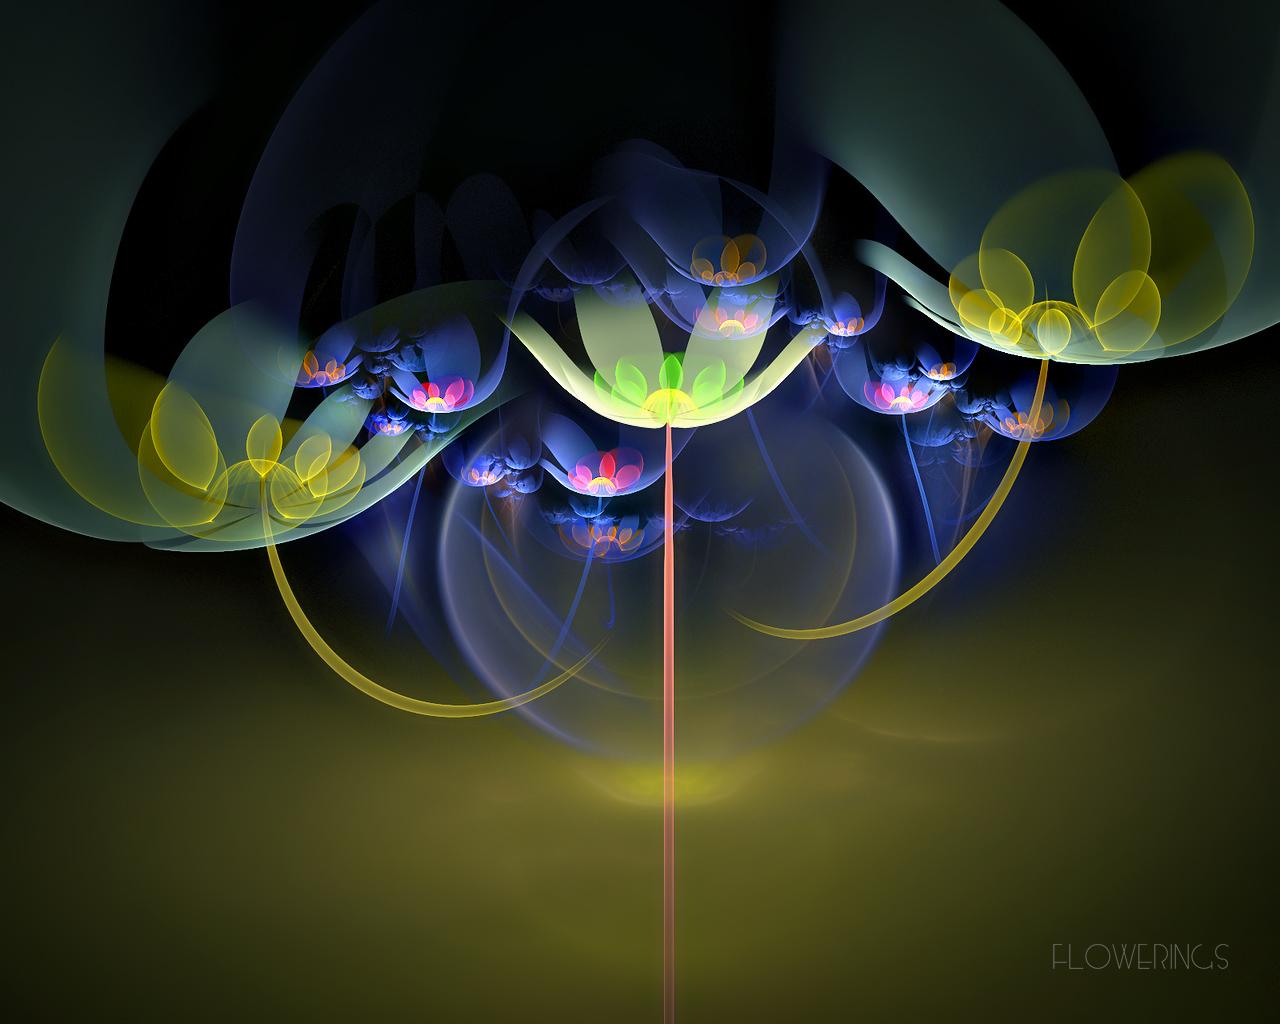 Flowerings 28 by love1008